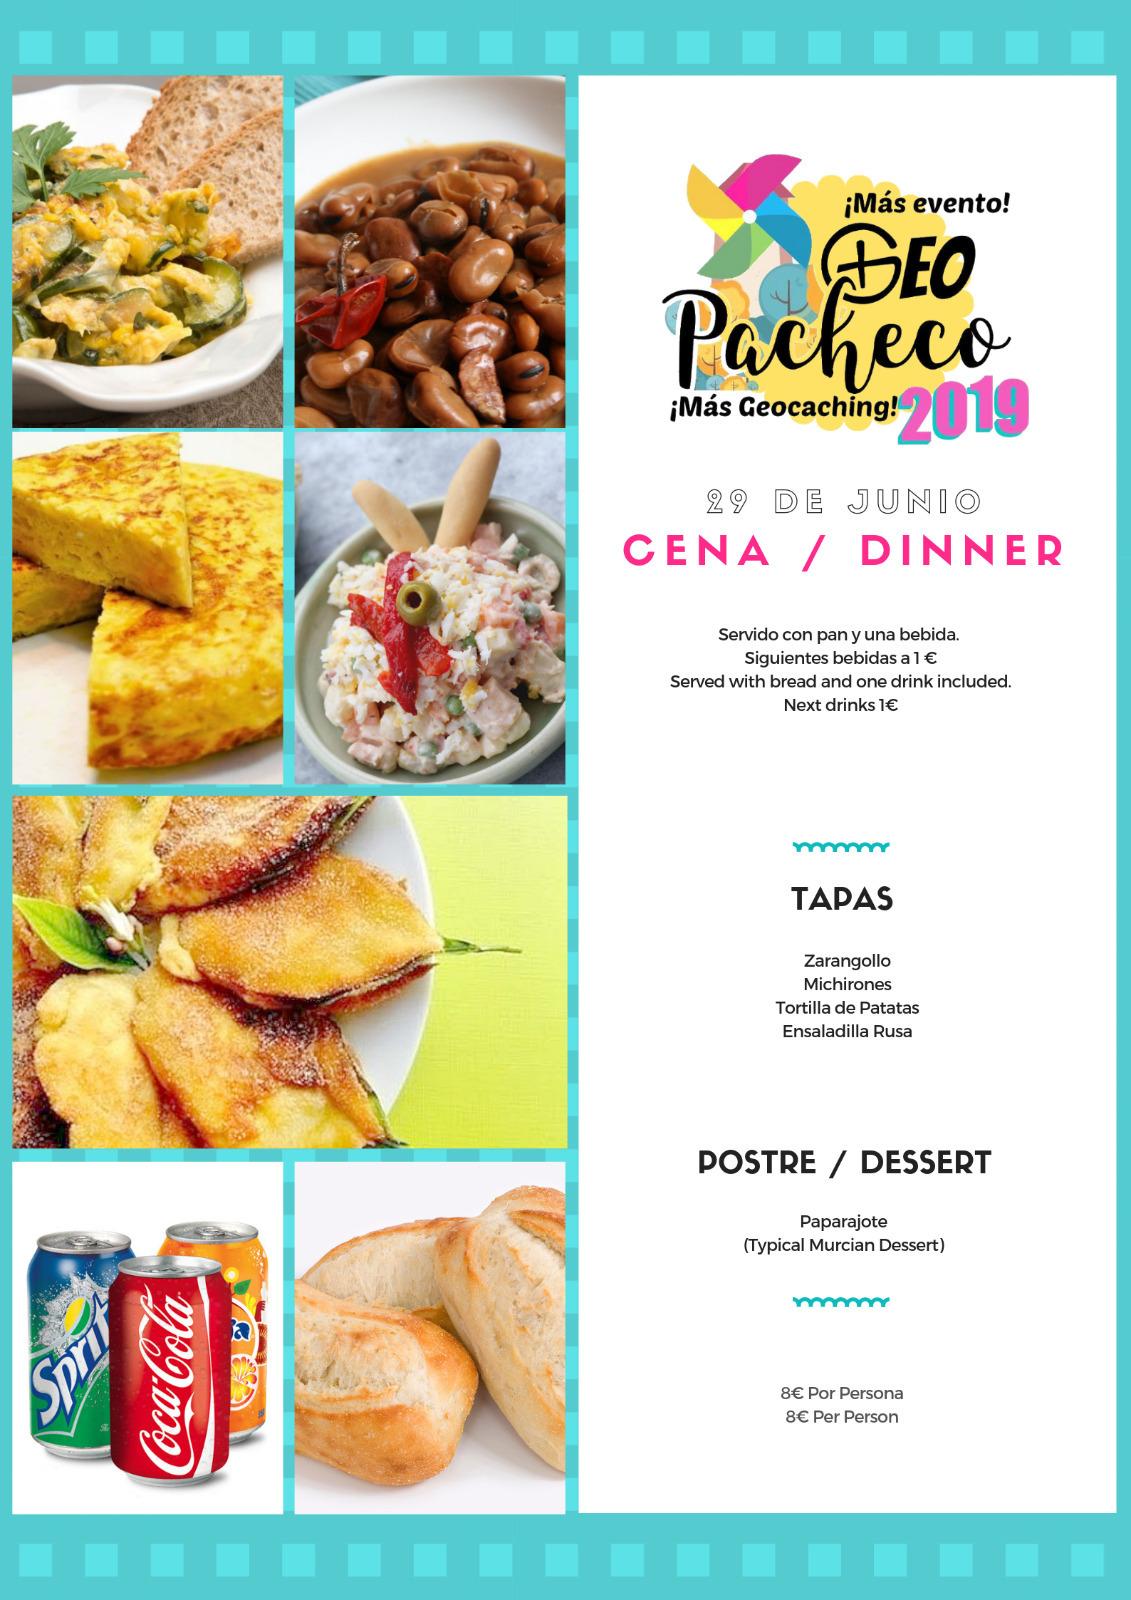 Geo Pacheco 2019 Cena Dinner